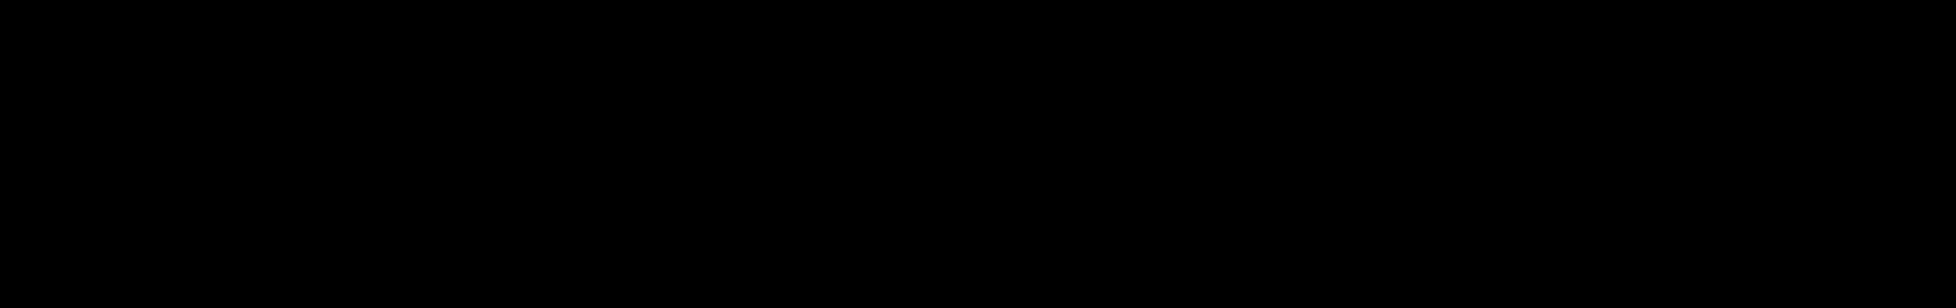 Benzyldecylmethylamine